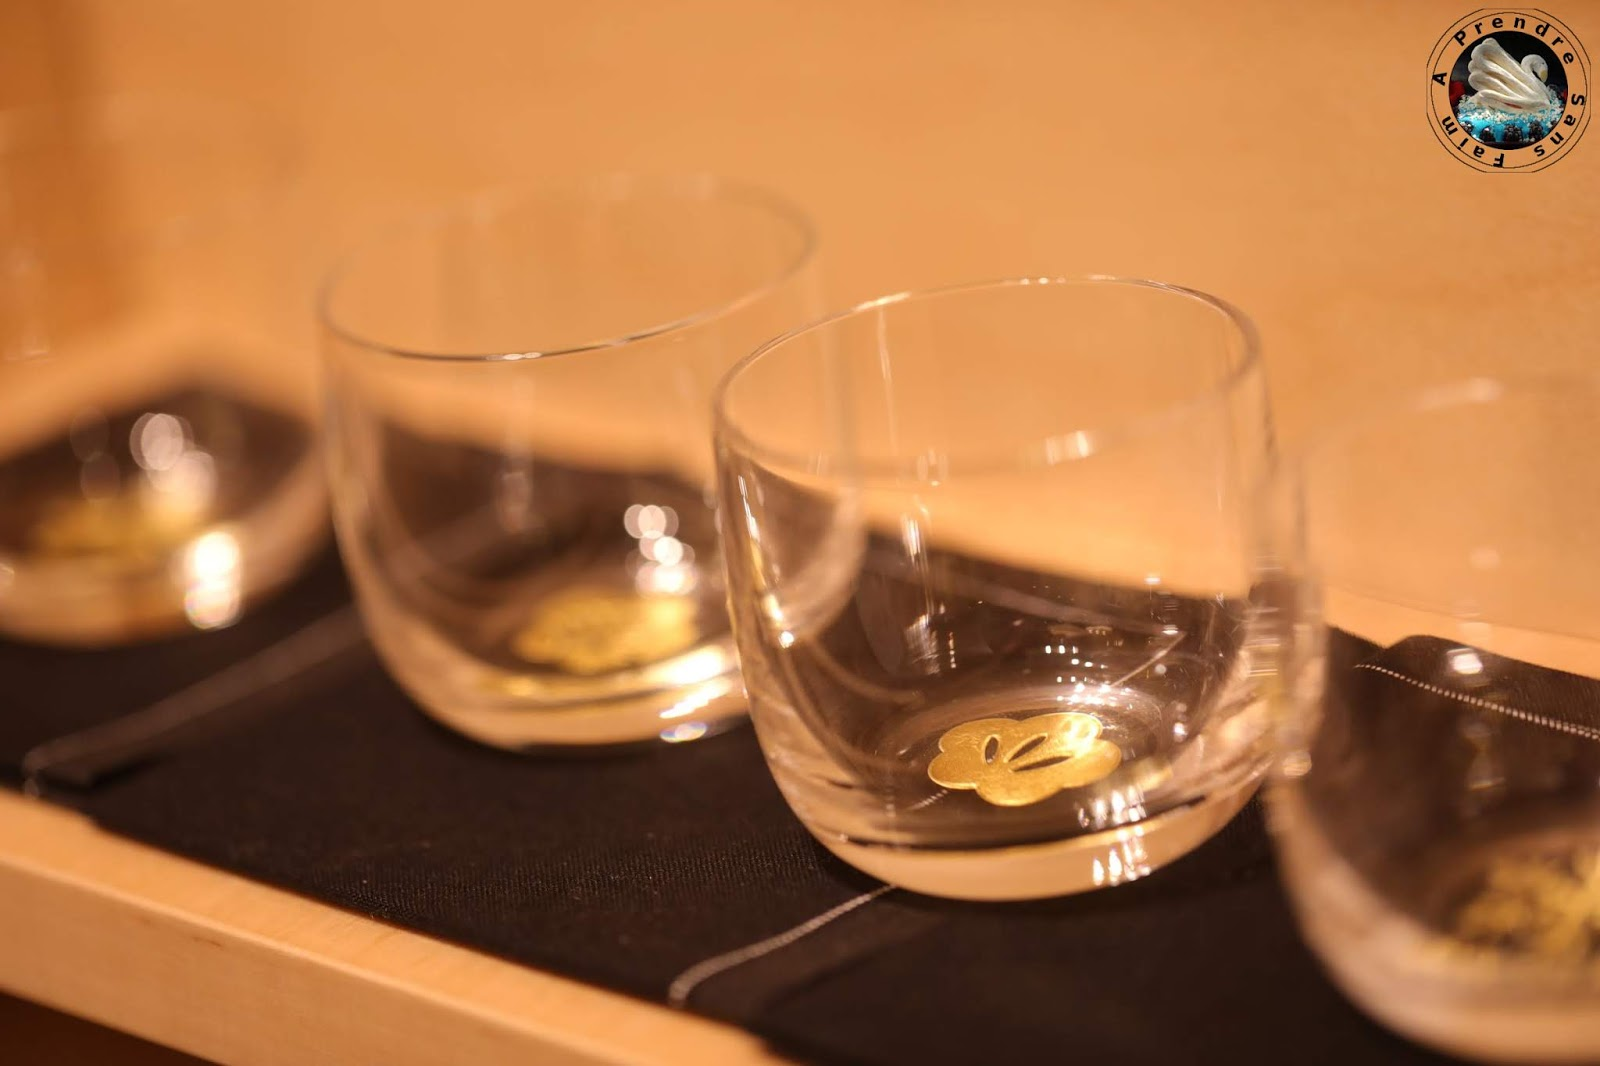 Découverte de Kinasé : sakés et spécialités artisanales de Niigata